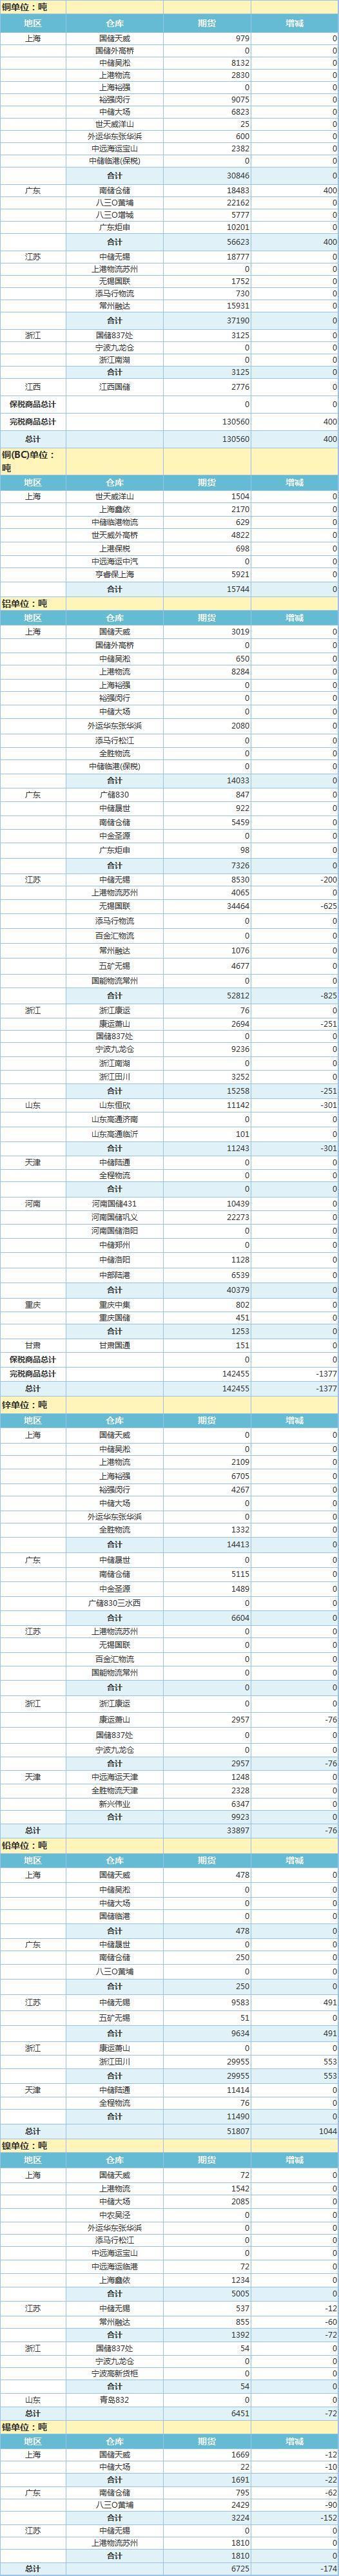 4月29日上海期 货交 易所金属库存日报